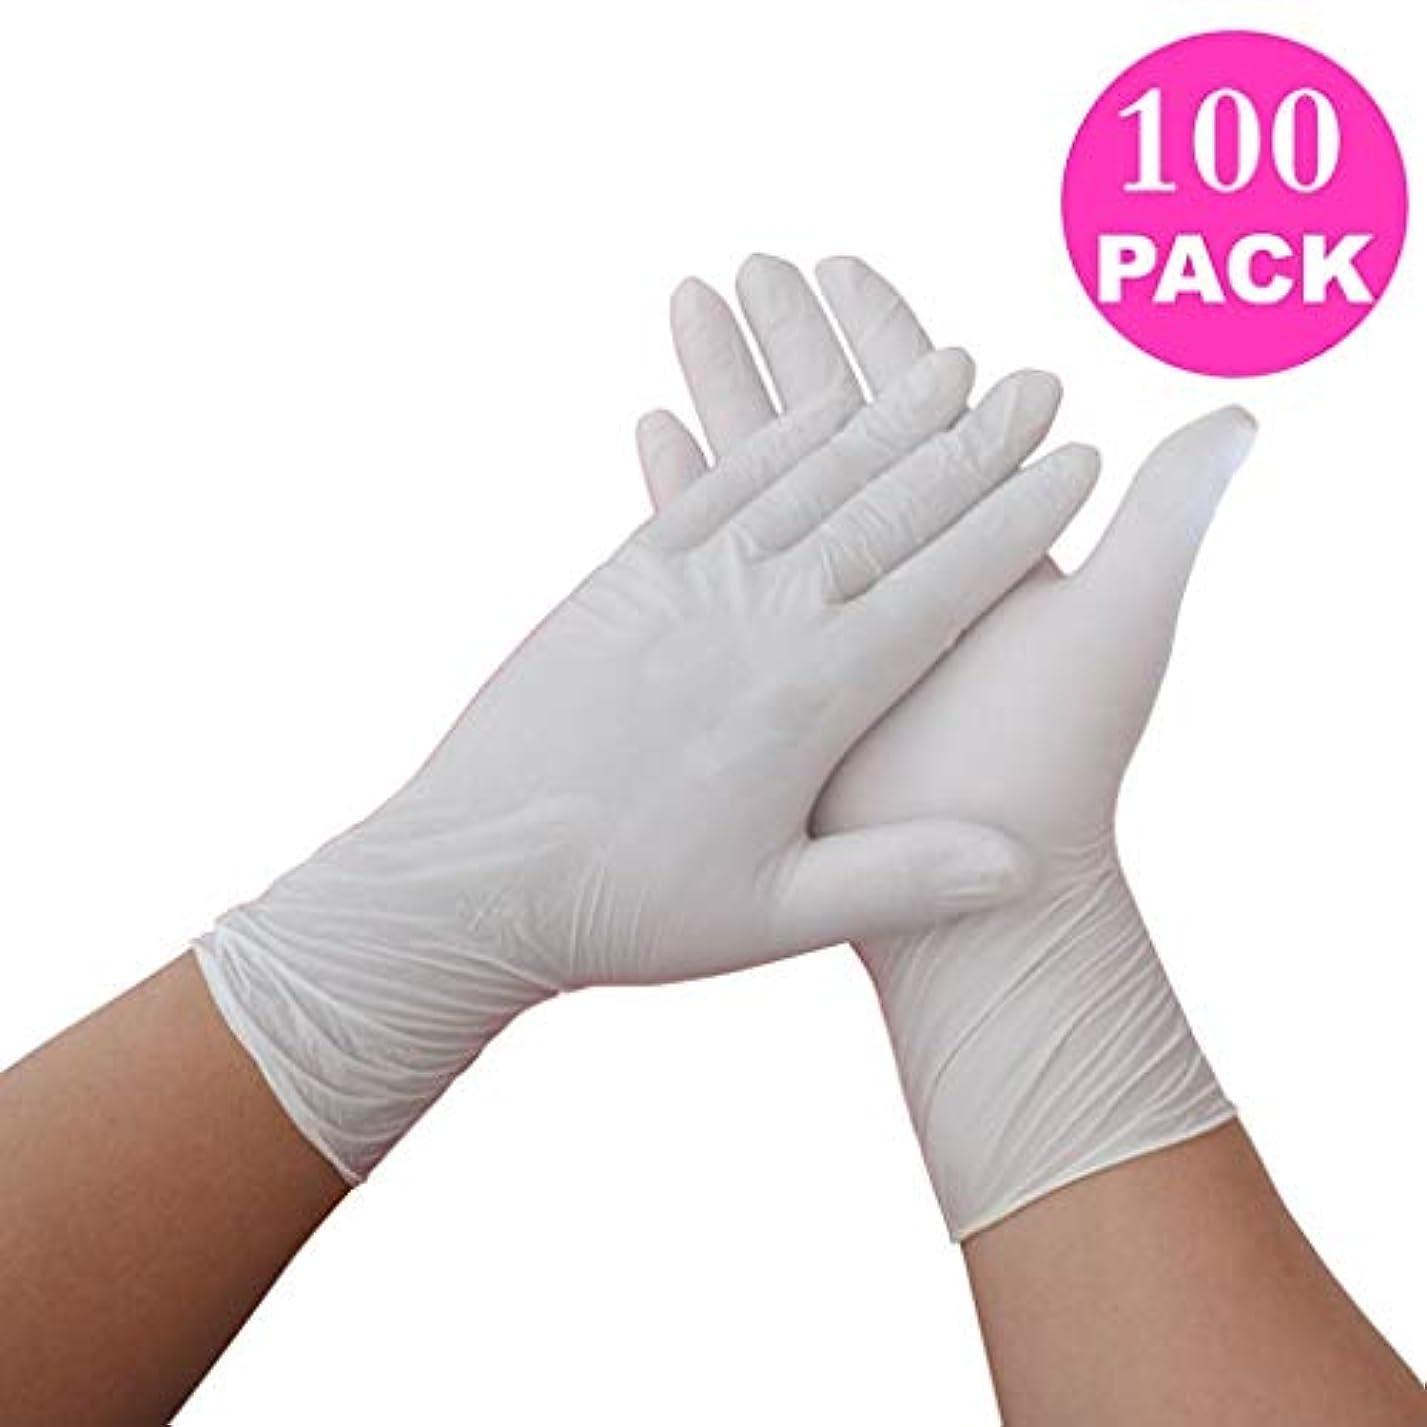 献身エスニック剥ぎ取る病院ラテックスNitrileLatexパック毎のゴム白ニトリル実験室外科gloves100 (Color : White, Size : S)